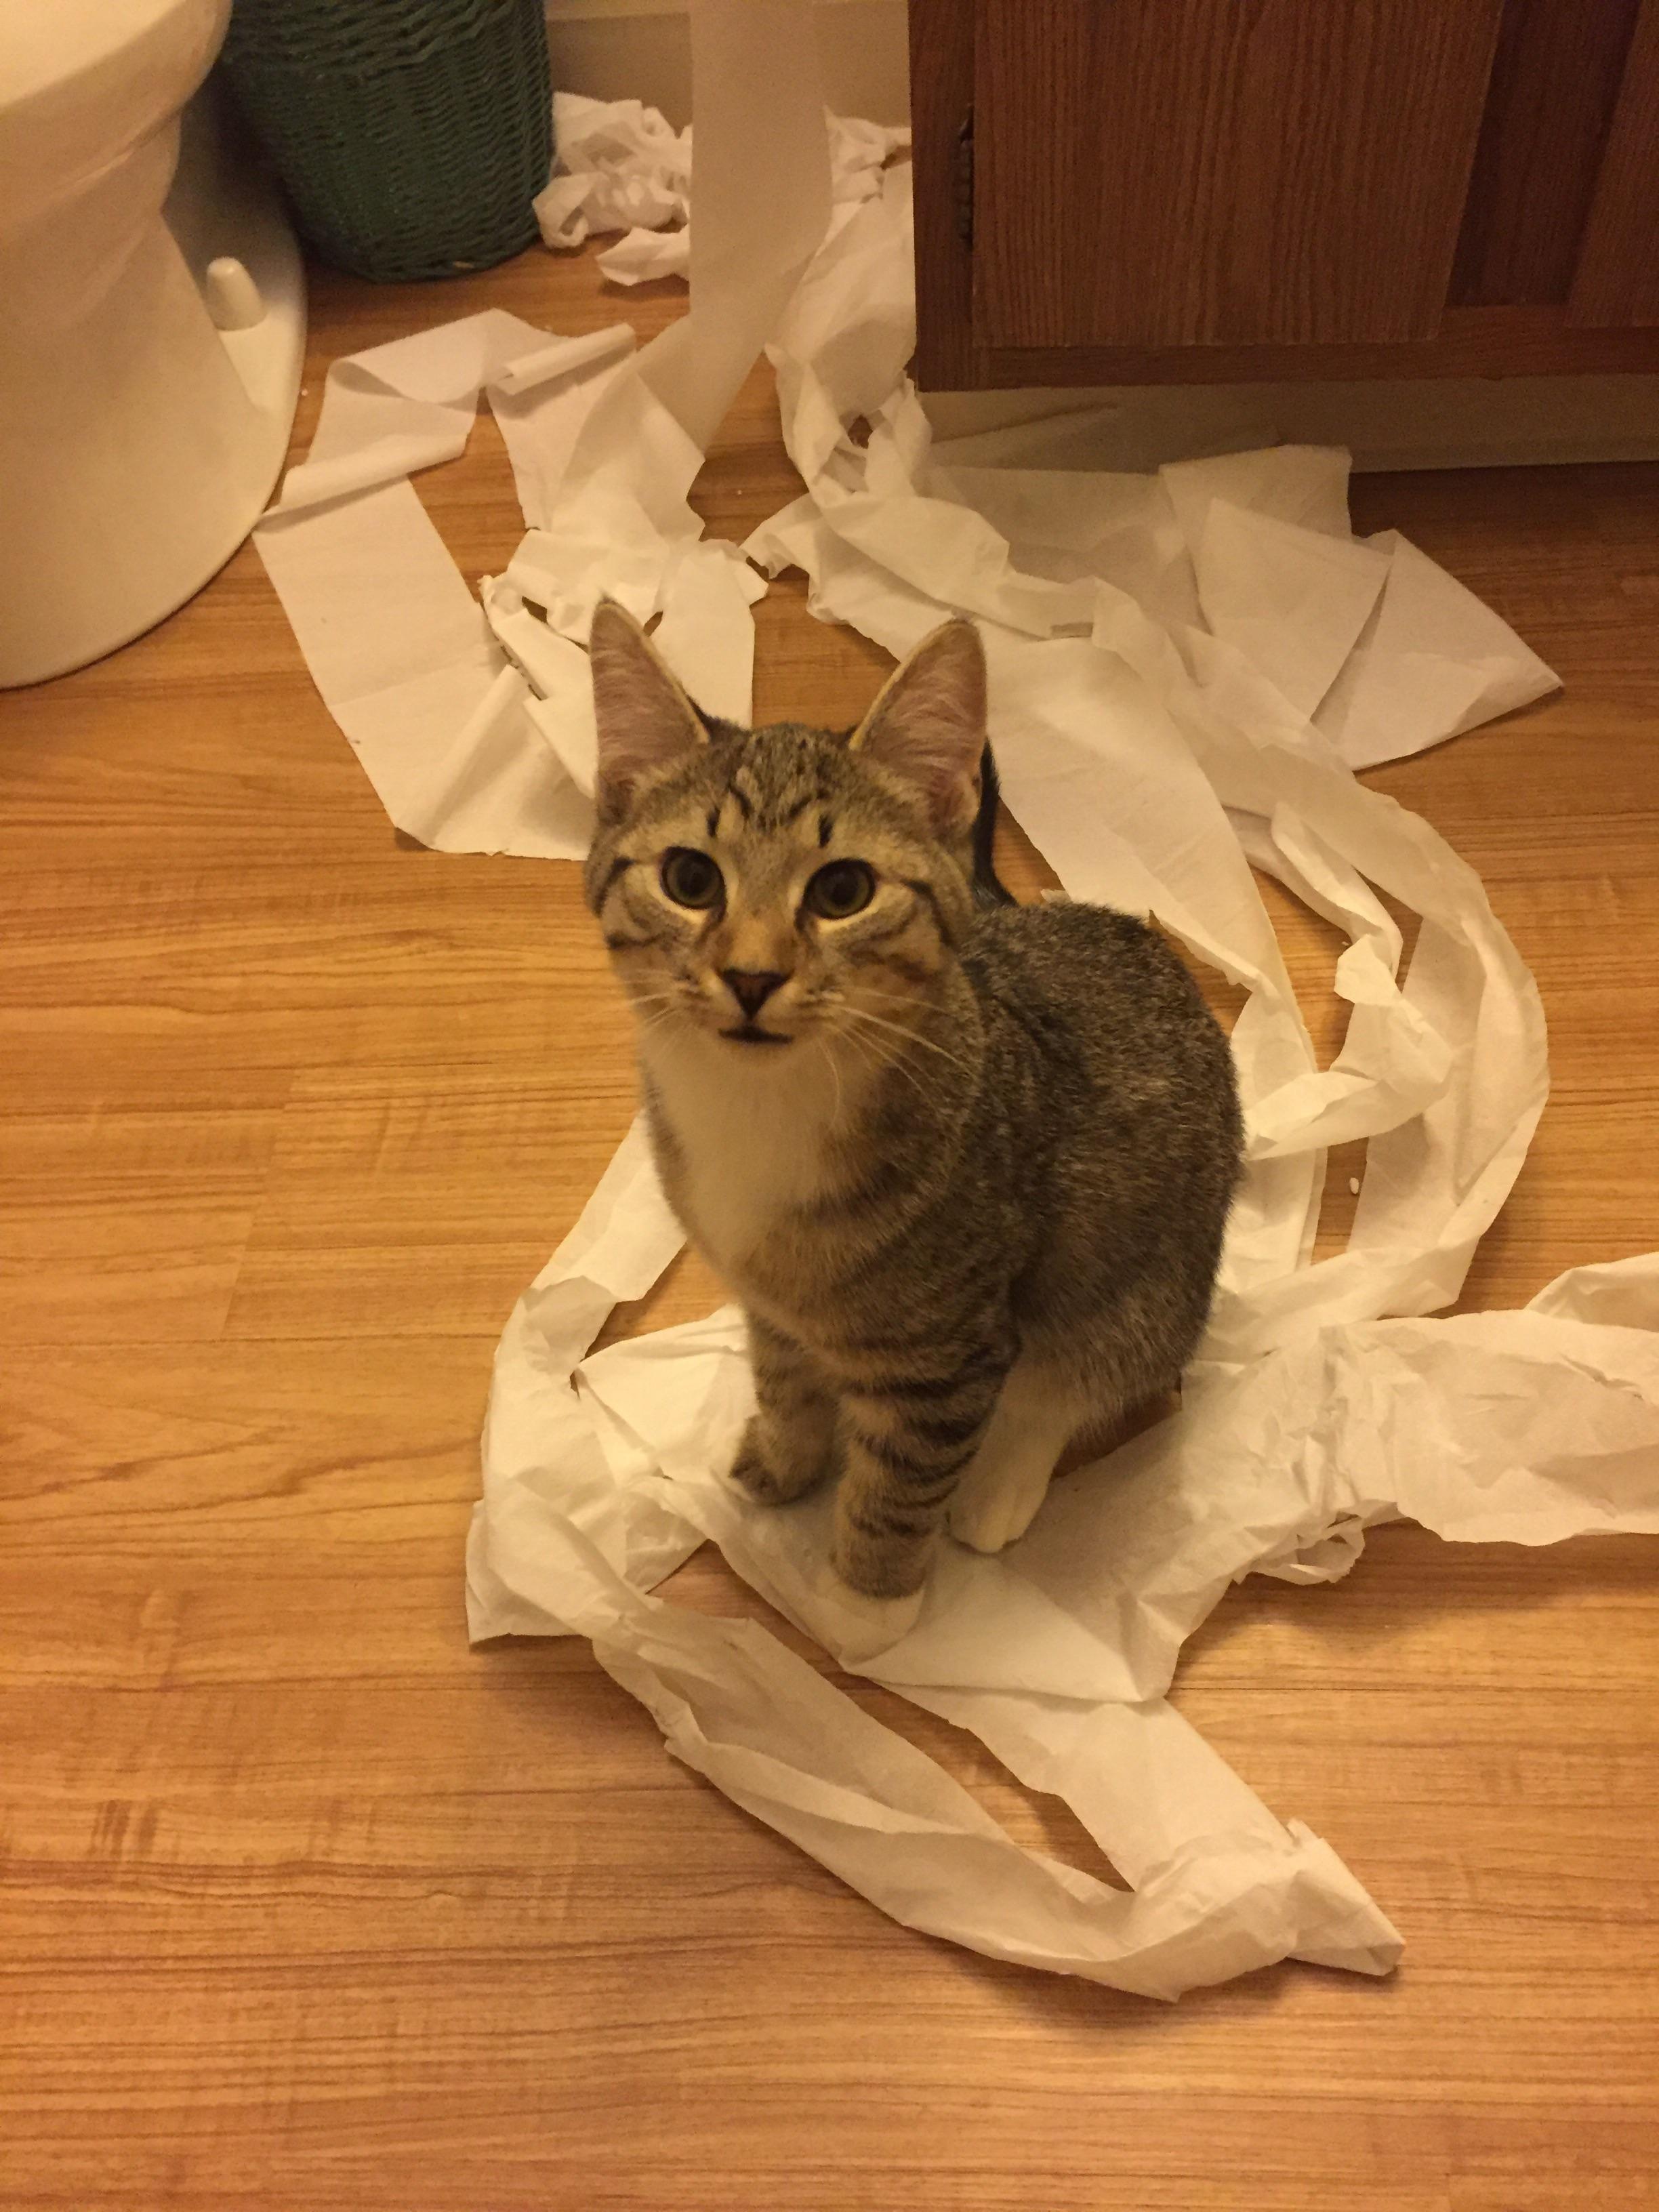 Lovely Kittens Slip In The Bathroom Cute Puppies And Kittens Cute Cats And Kittens Cat And Dog Videos